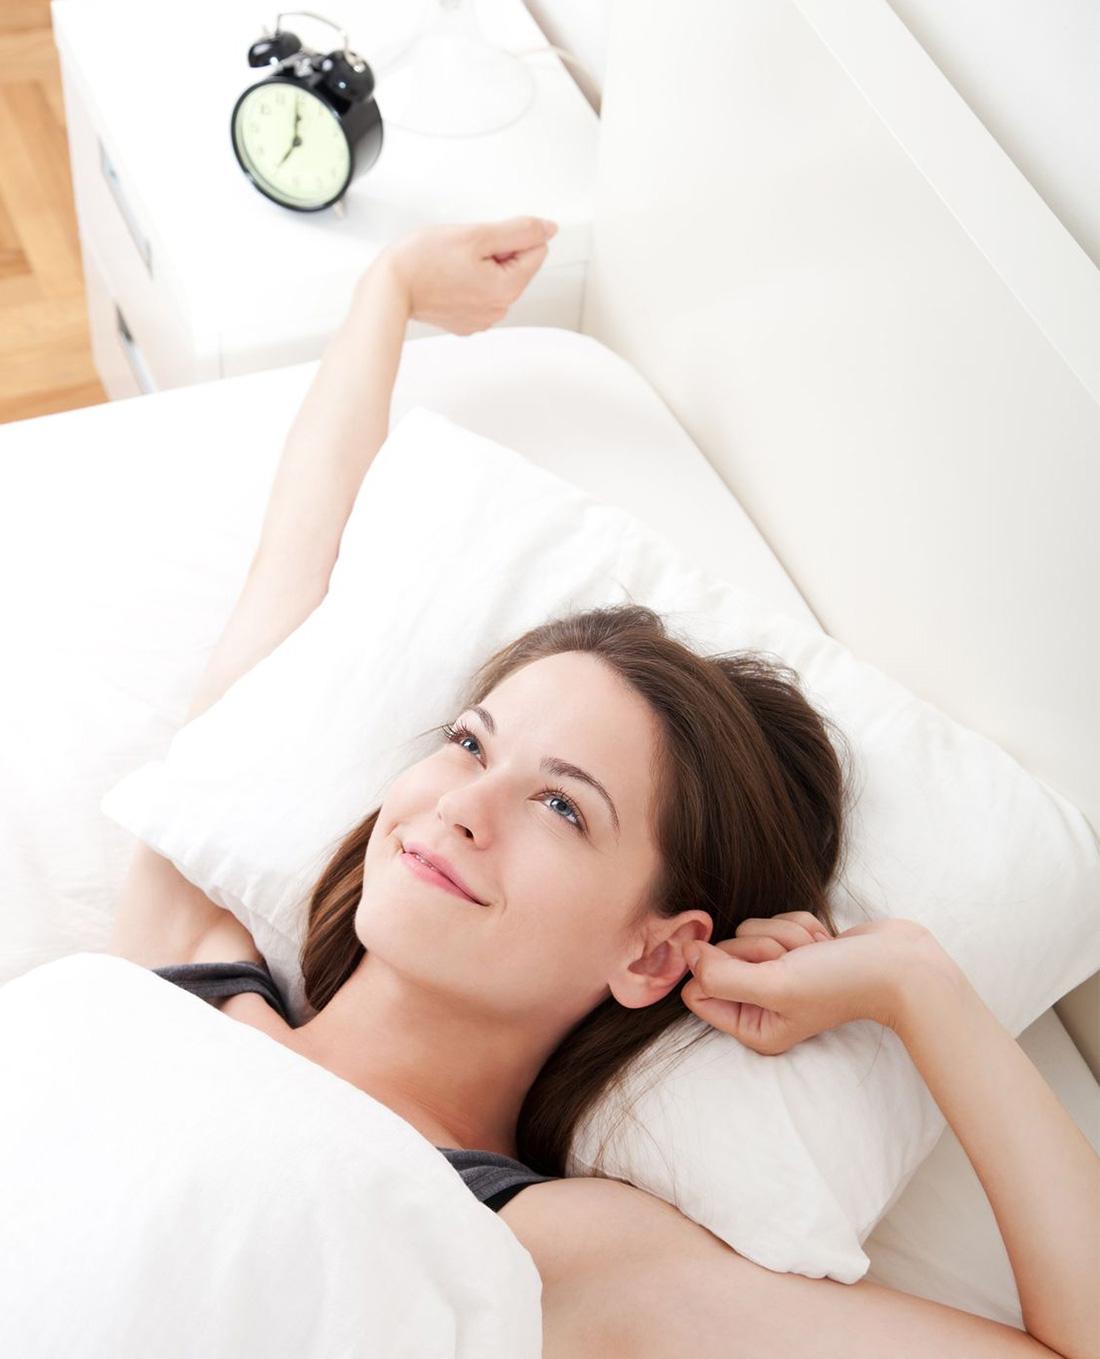 Heb jij je vanochtend verslapen? Met deze tips zal het nooit meer gebeuren